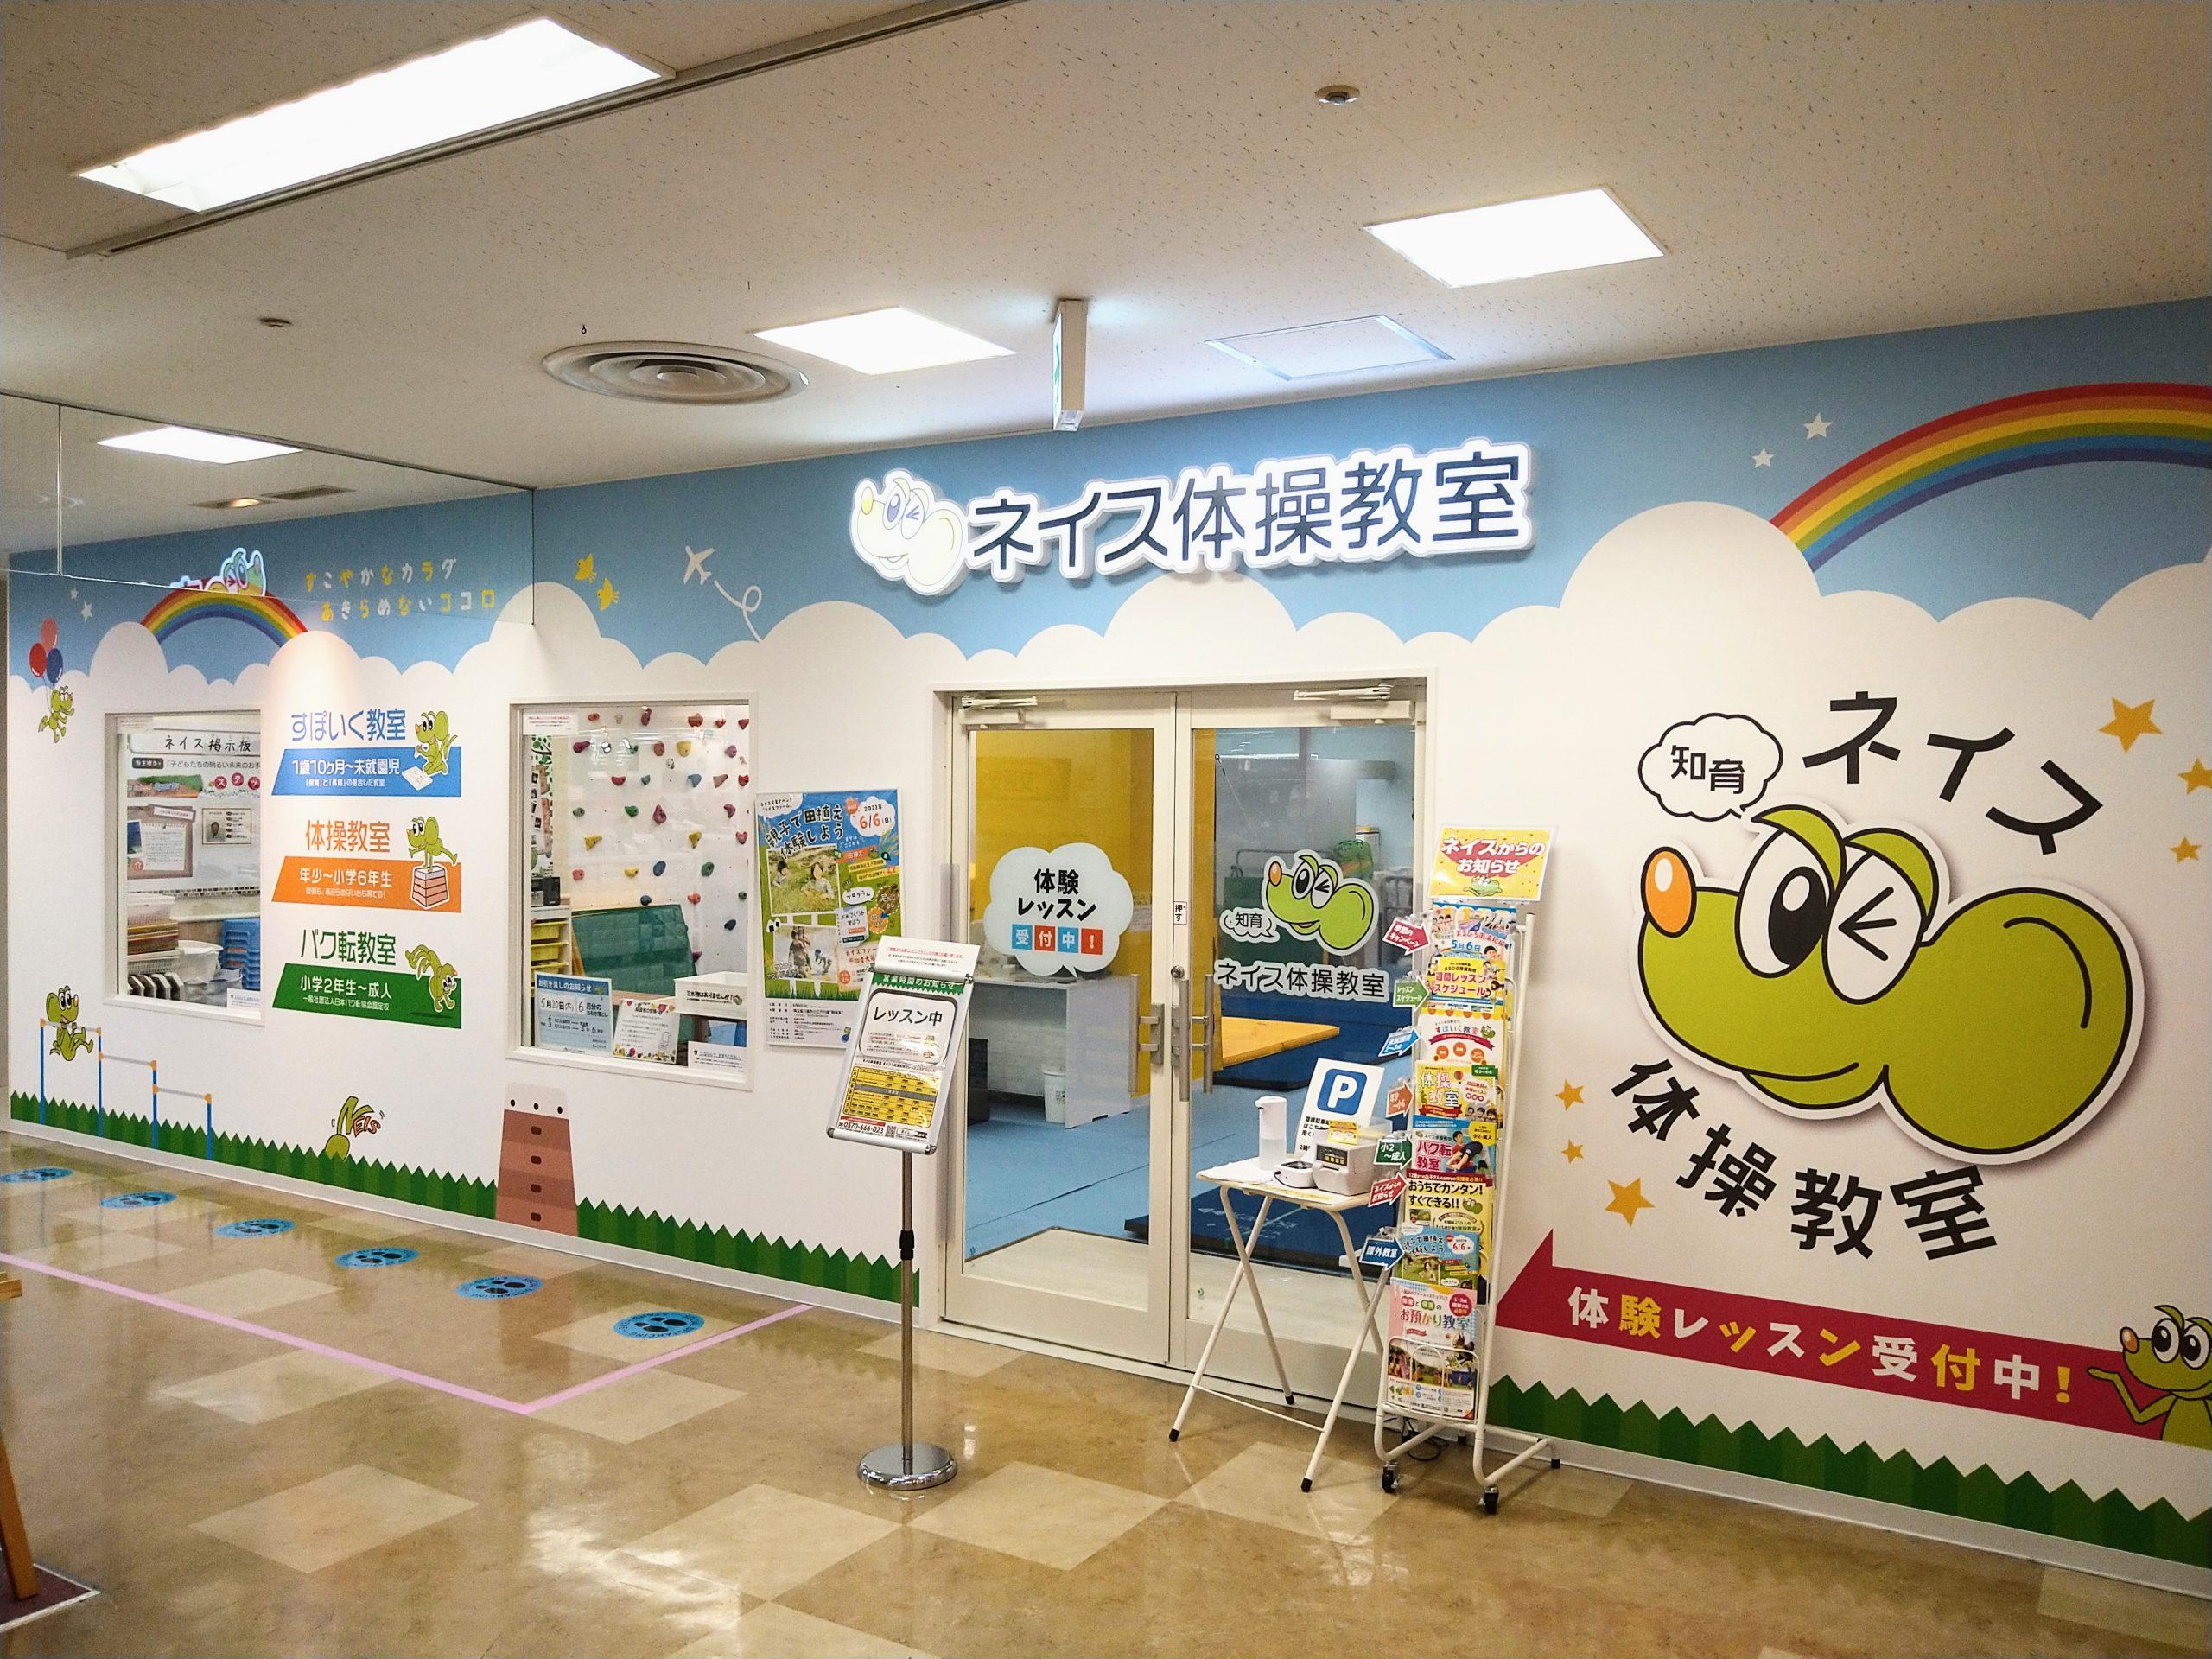 まるひろ南浦和校の画像1